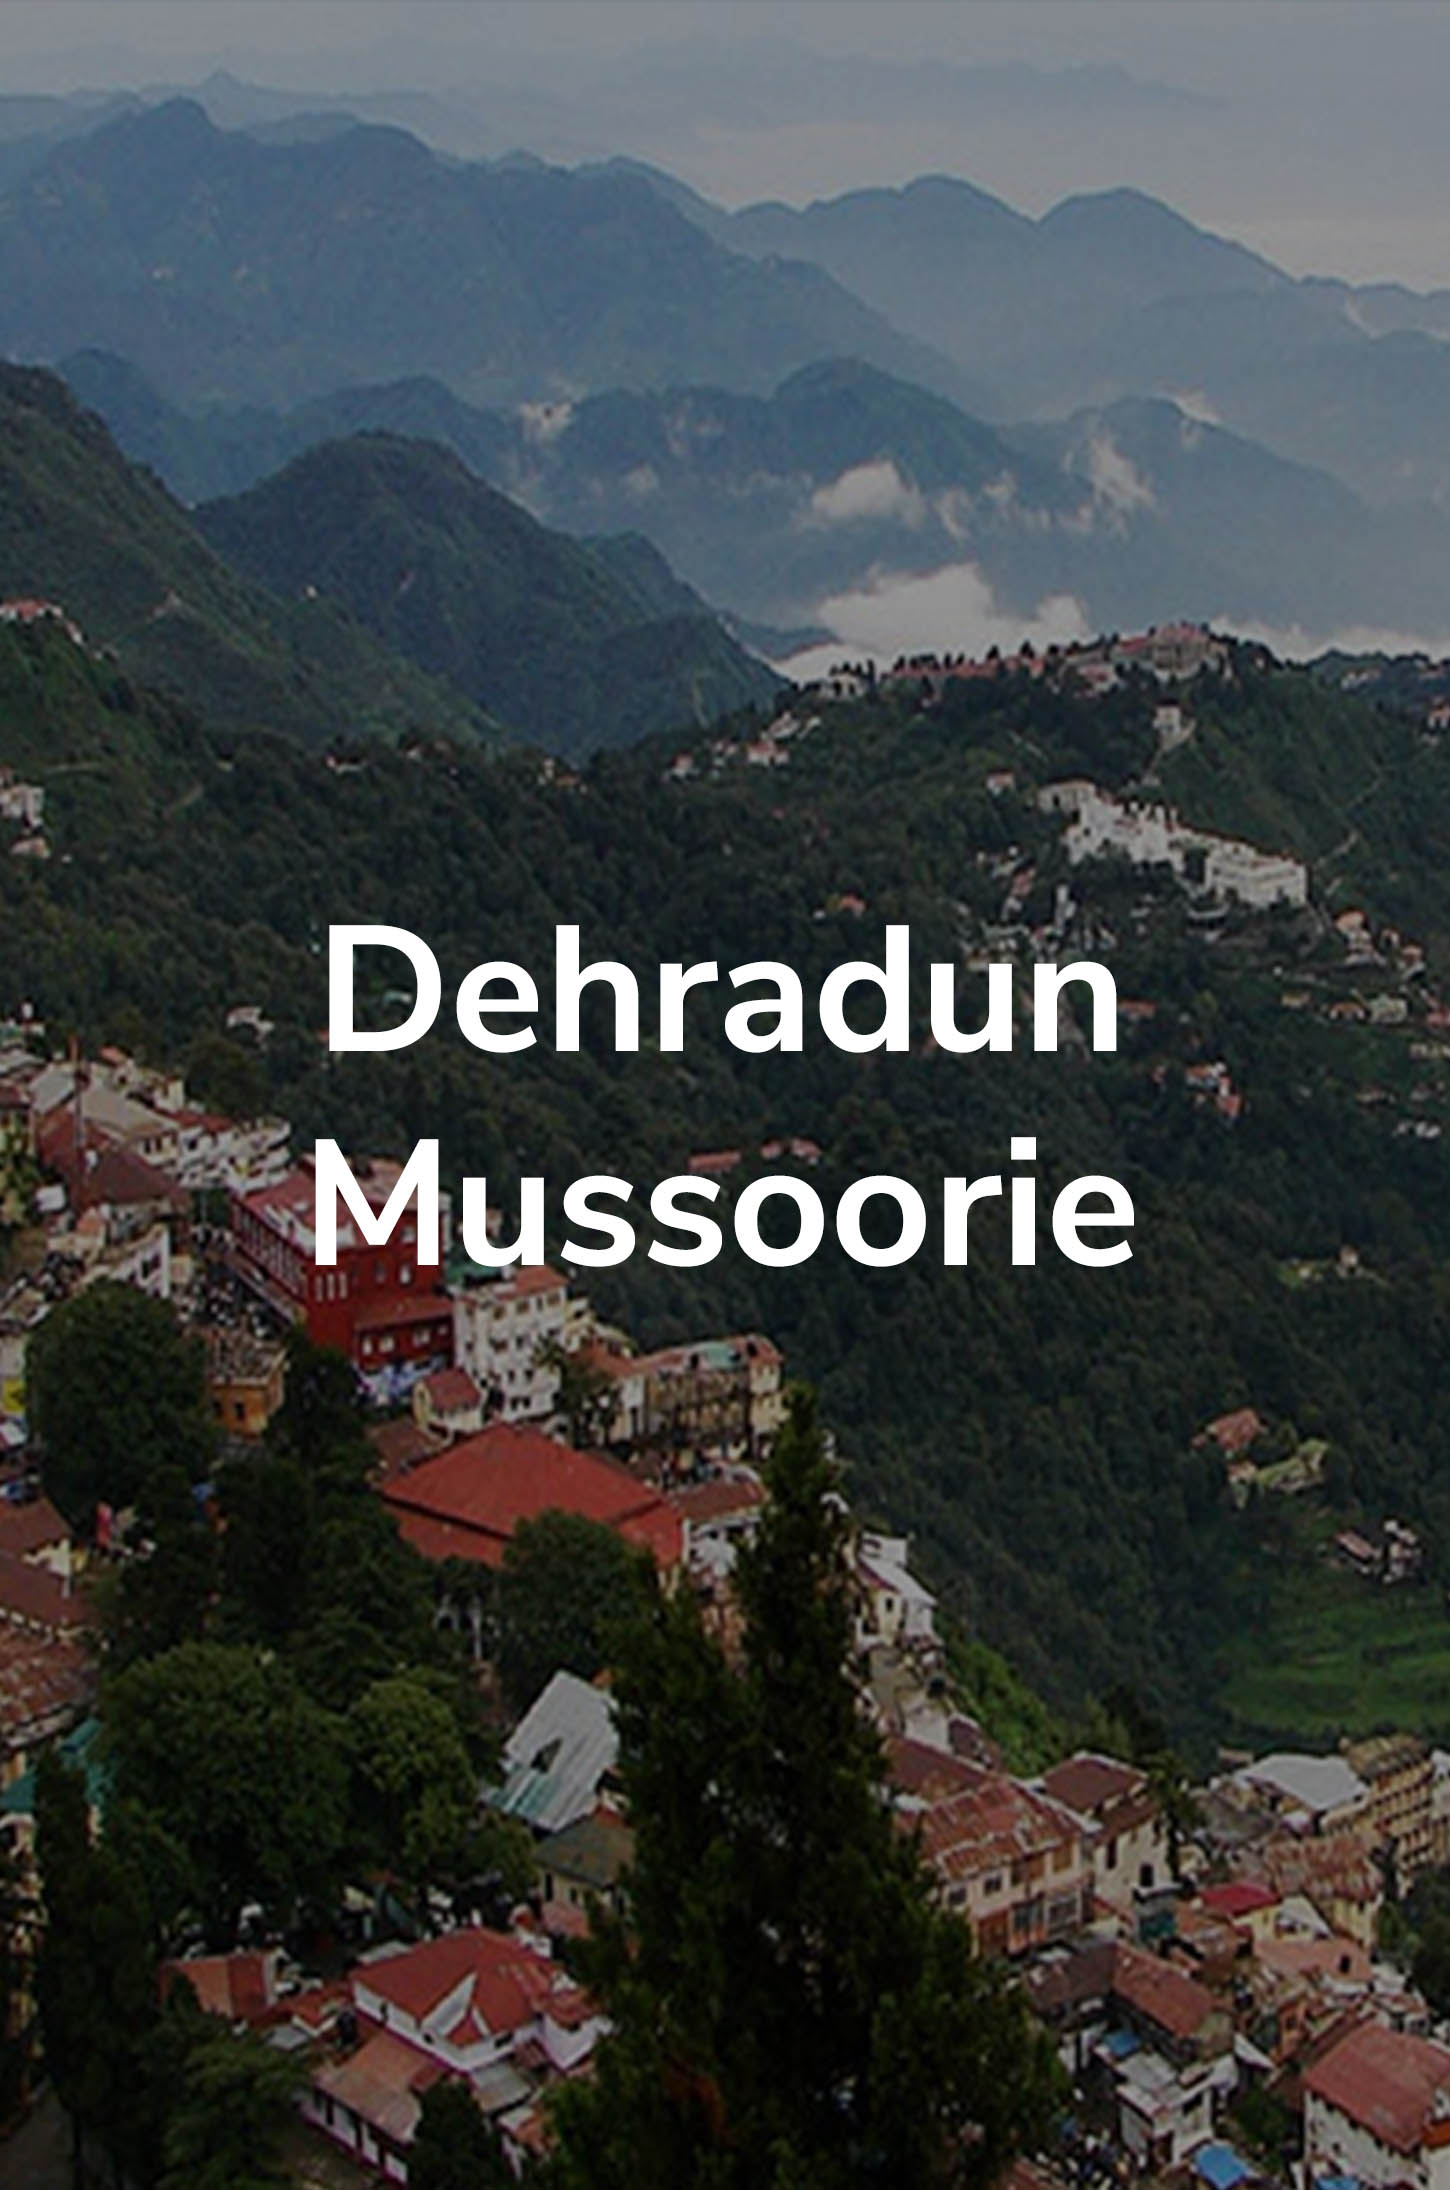 DehradunMussoorie